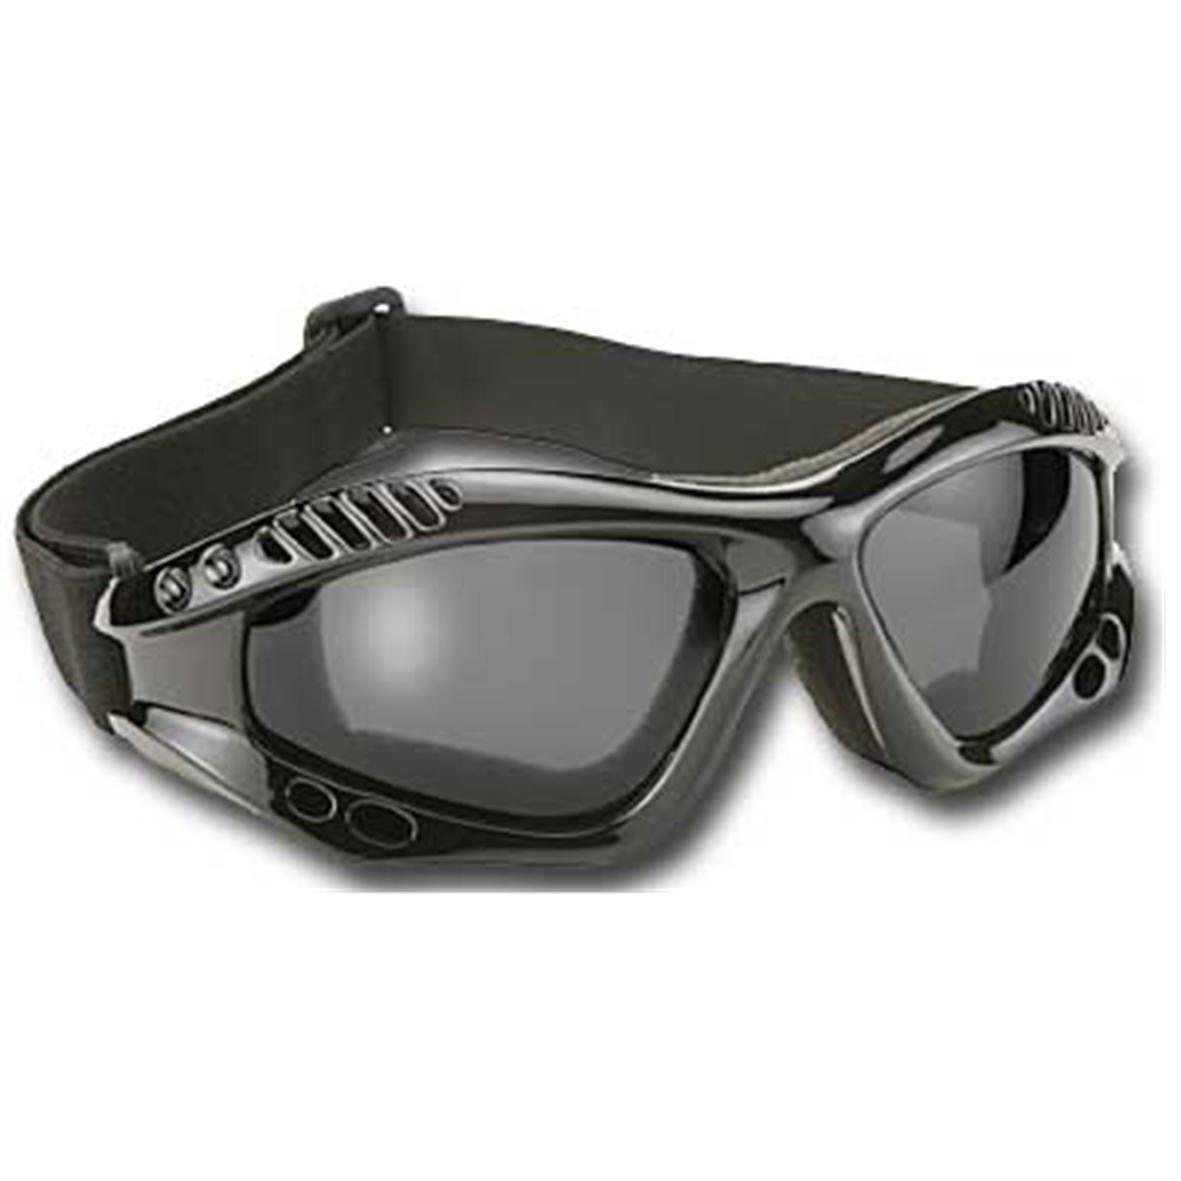 Kickstart Unisex-Adult Biker sunglasses Black Frame//Gray Lens One Size 4001